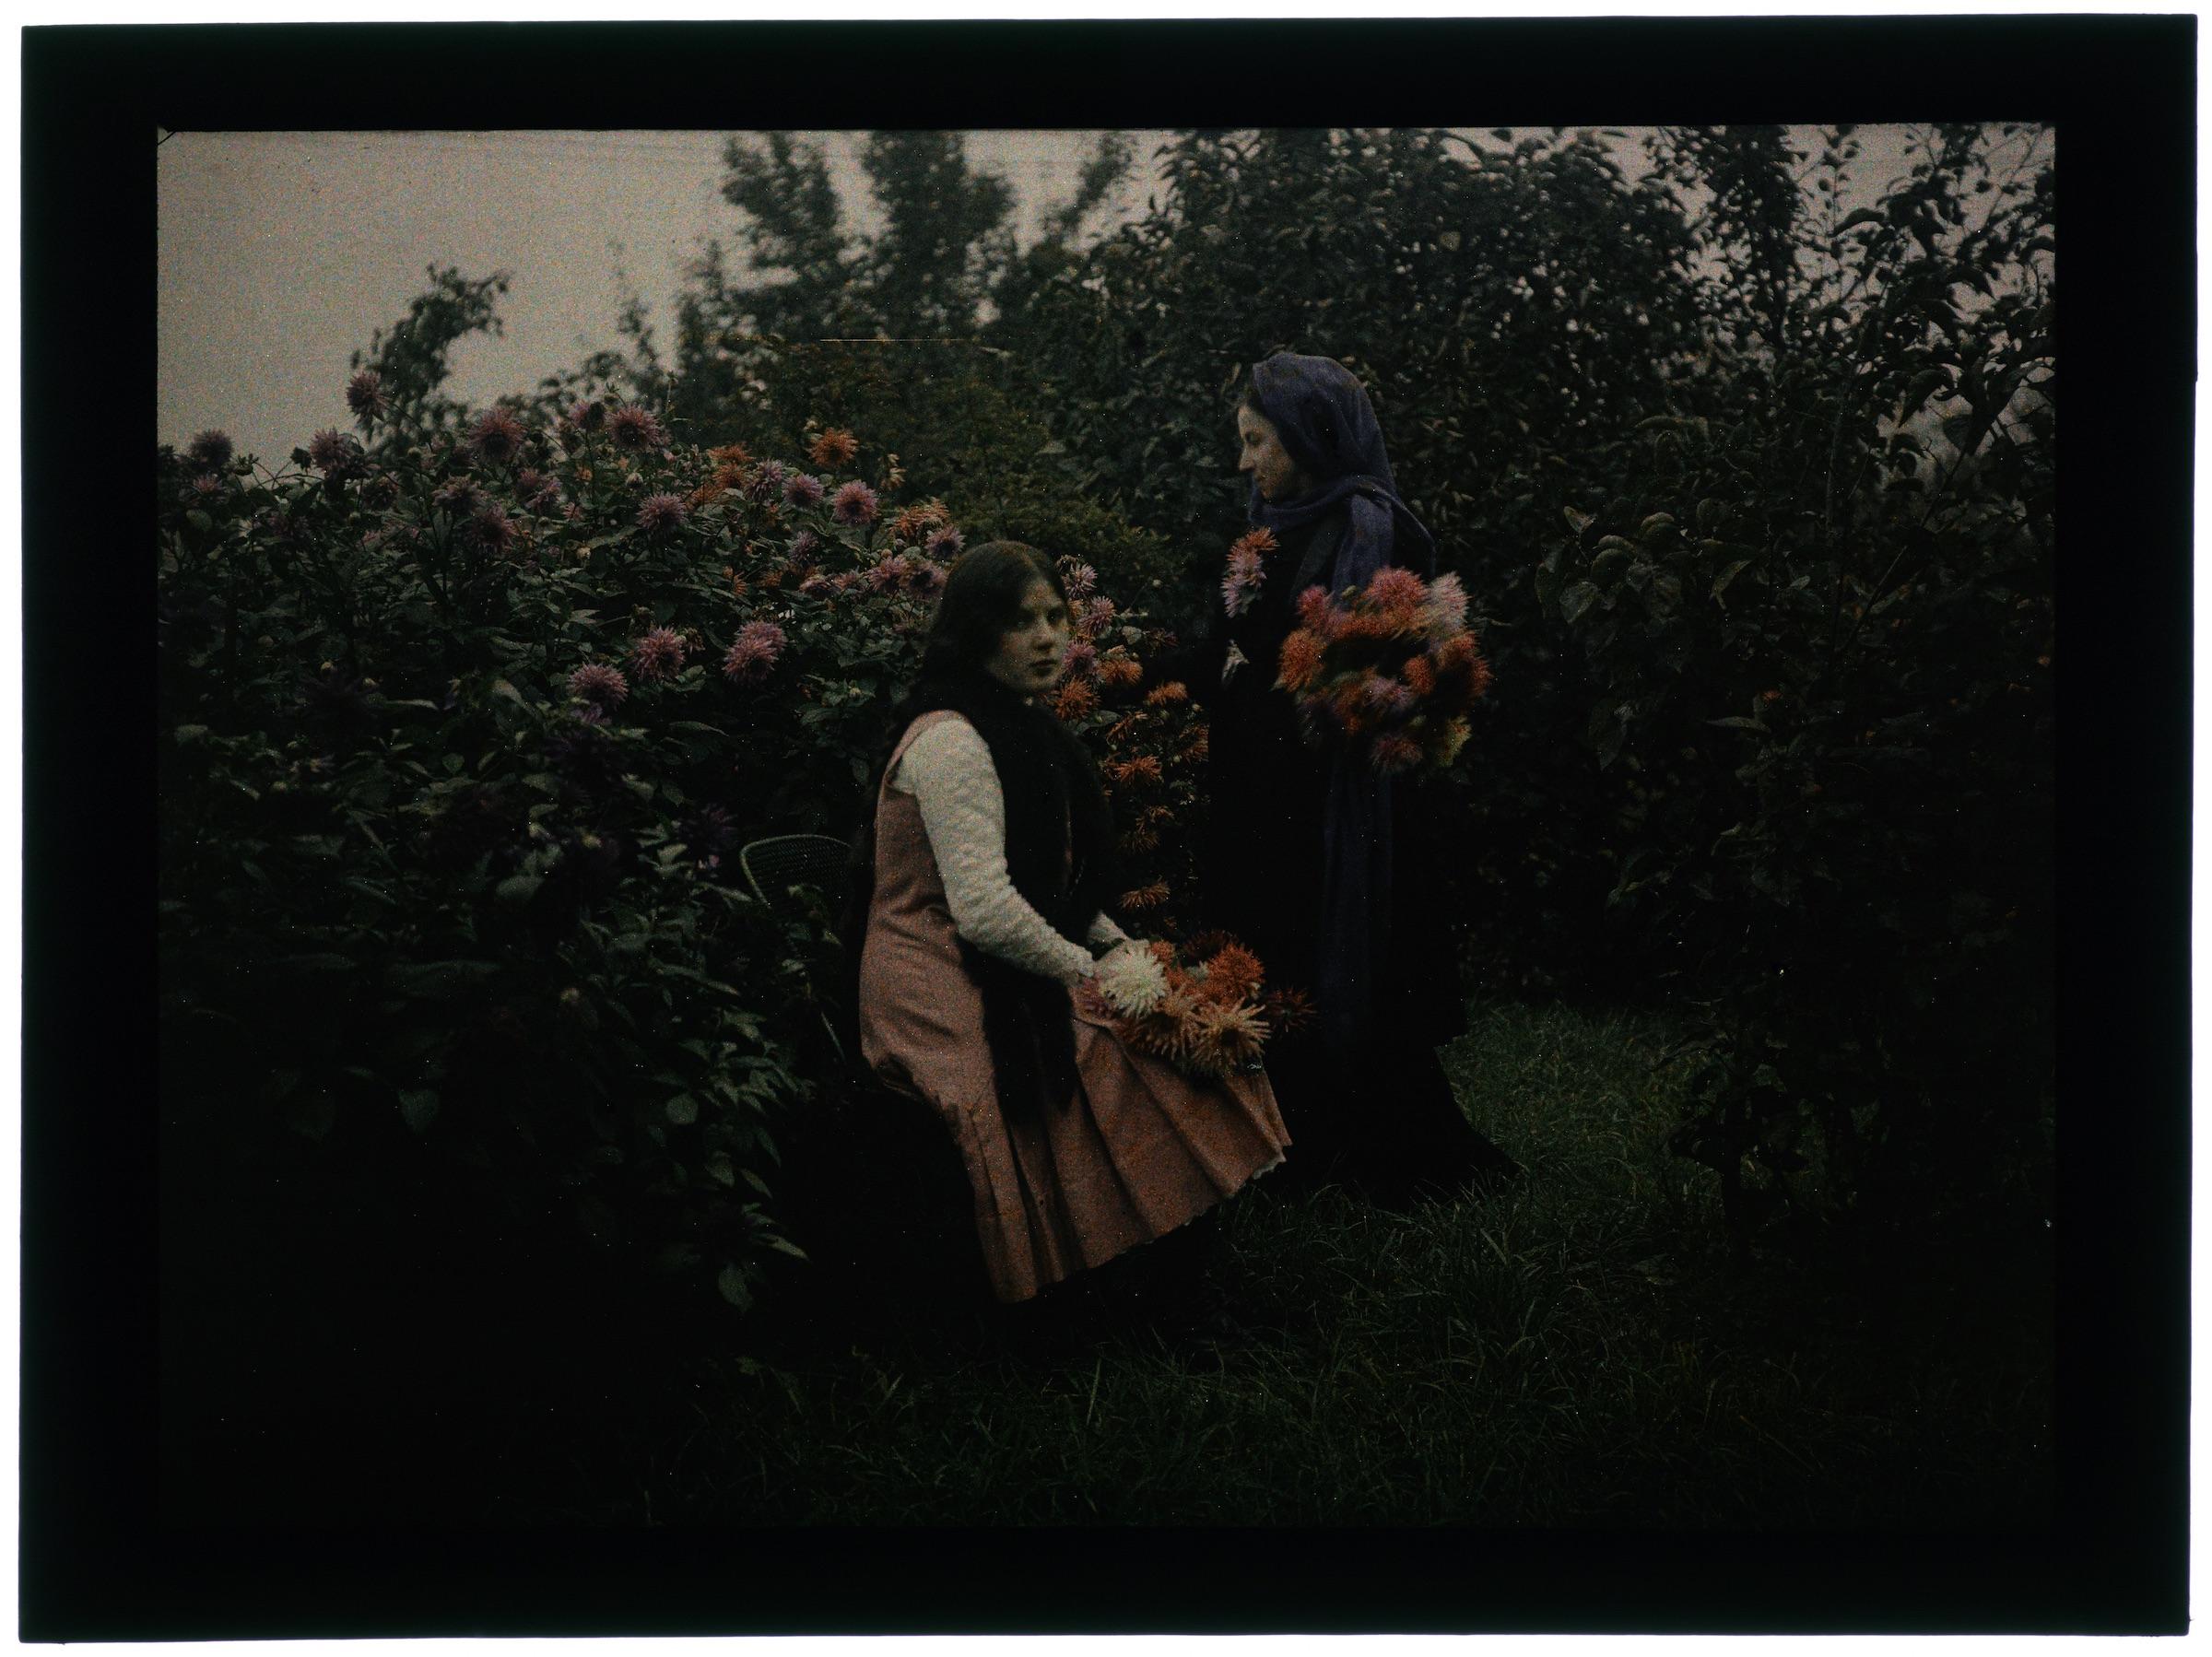 Femme dans le verger avec arbres en fleurs